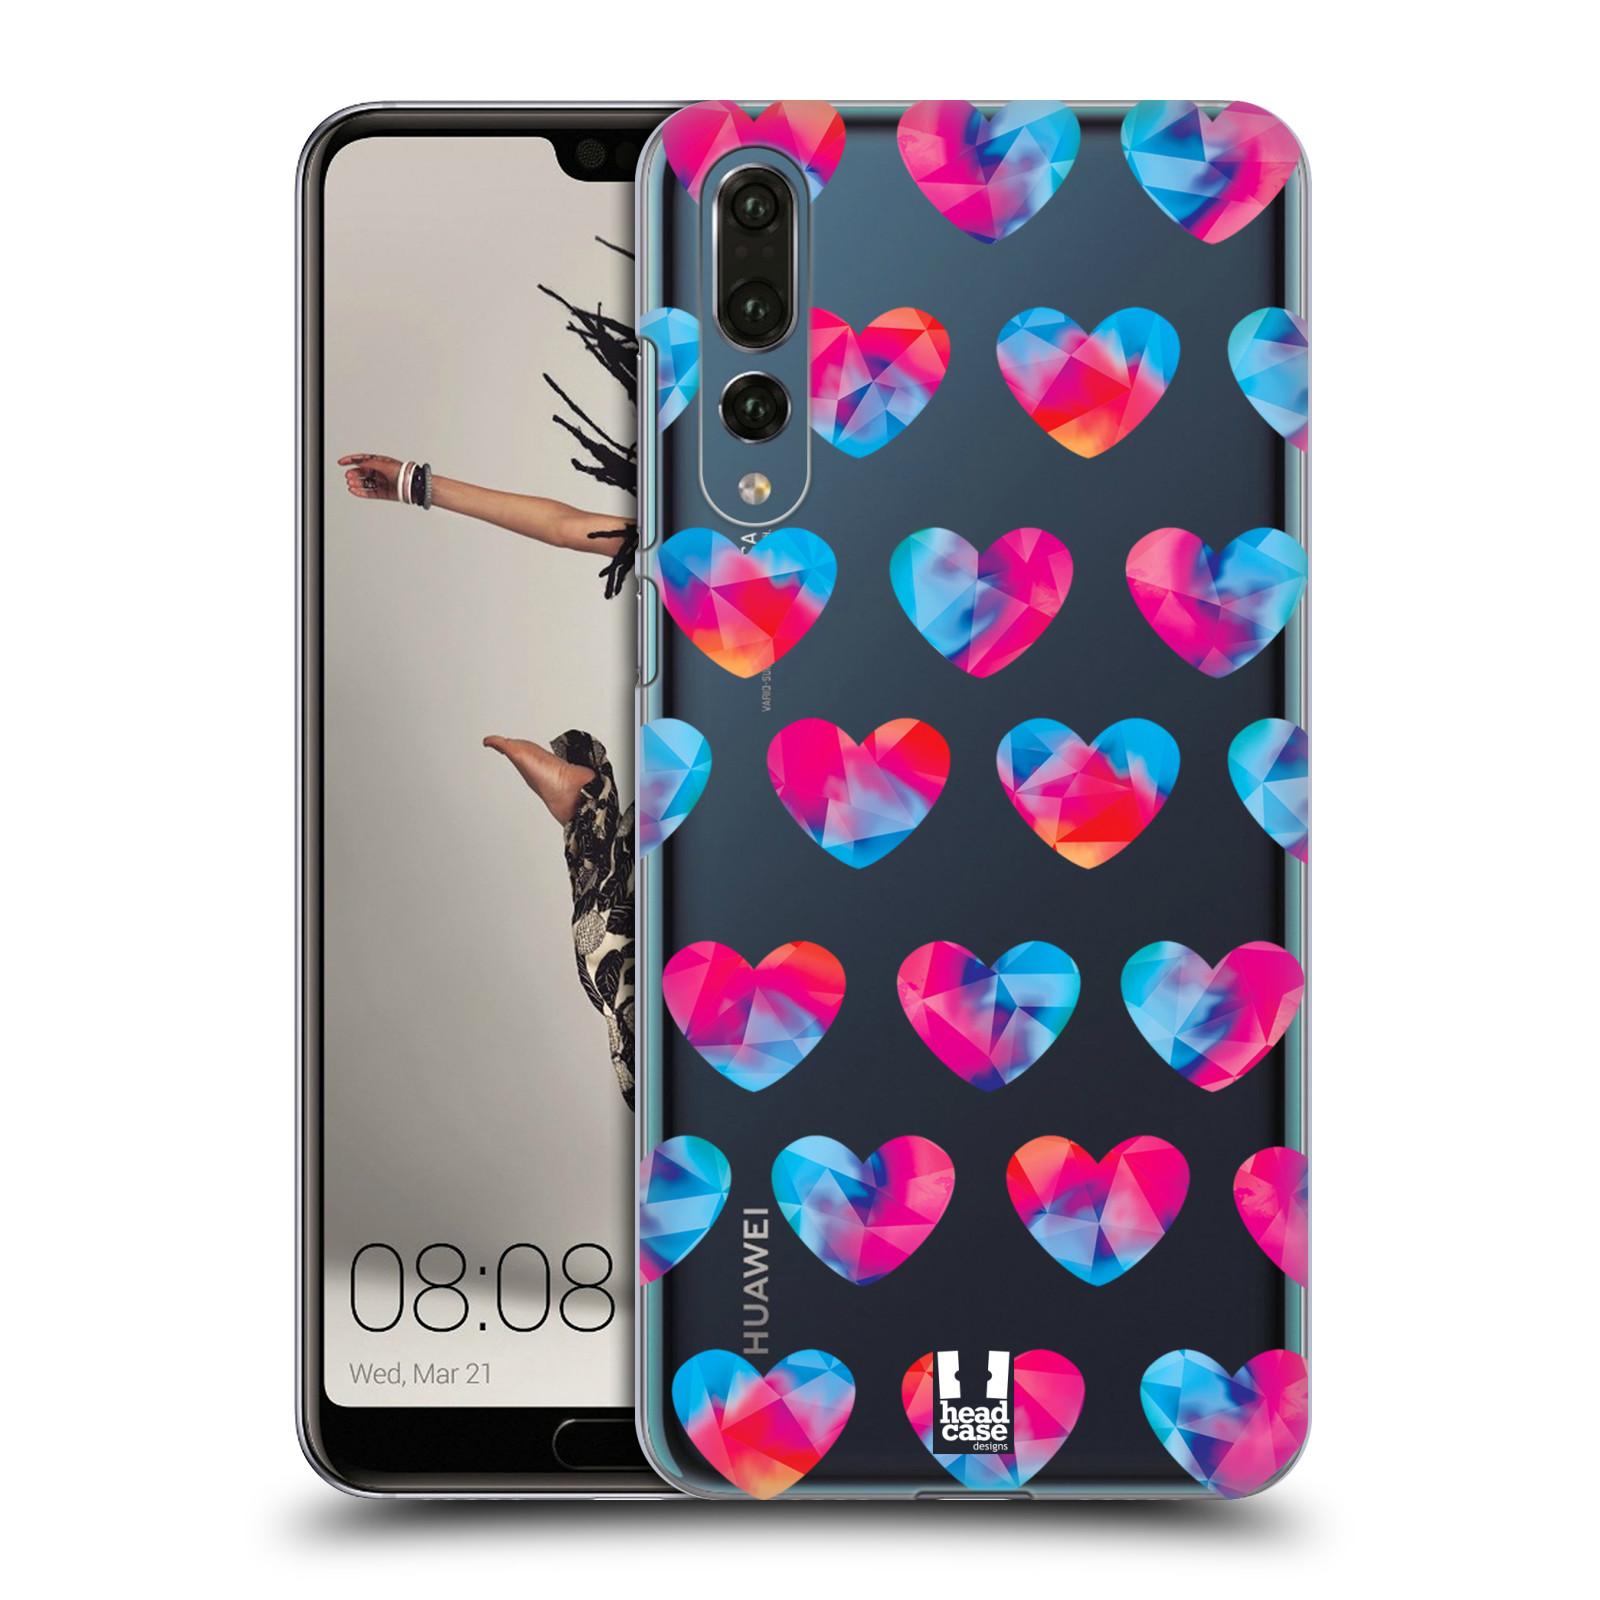 Plastové pouzdro na mobil Huawei P20 Pro - Head Case - Srdíčka hrající barvami